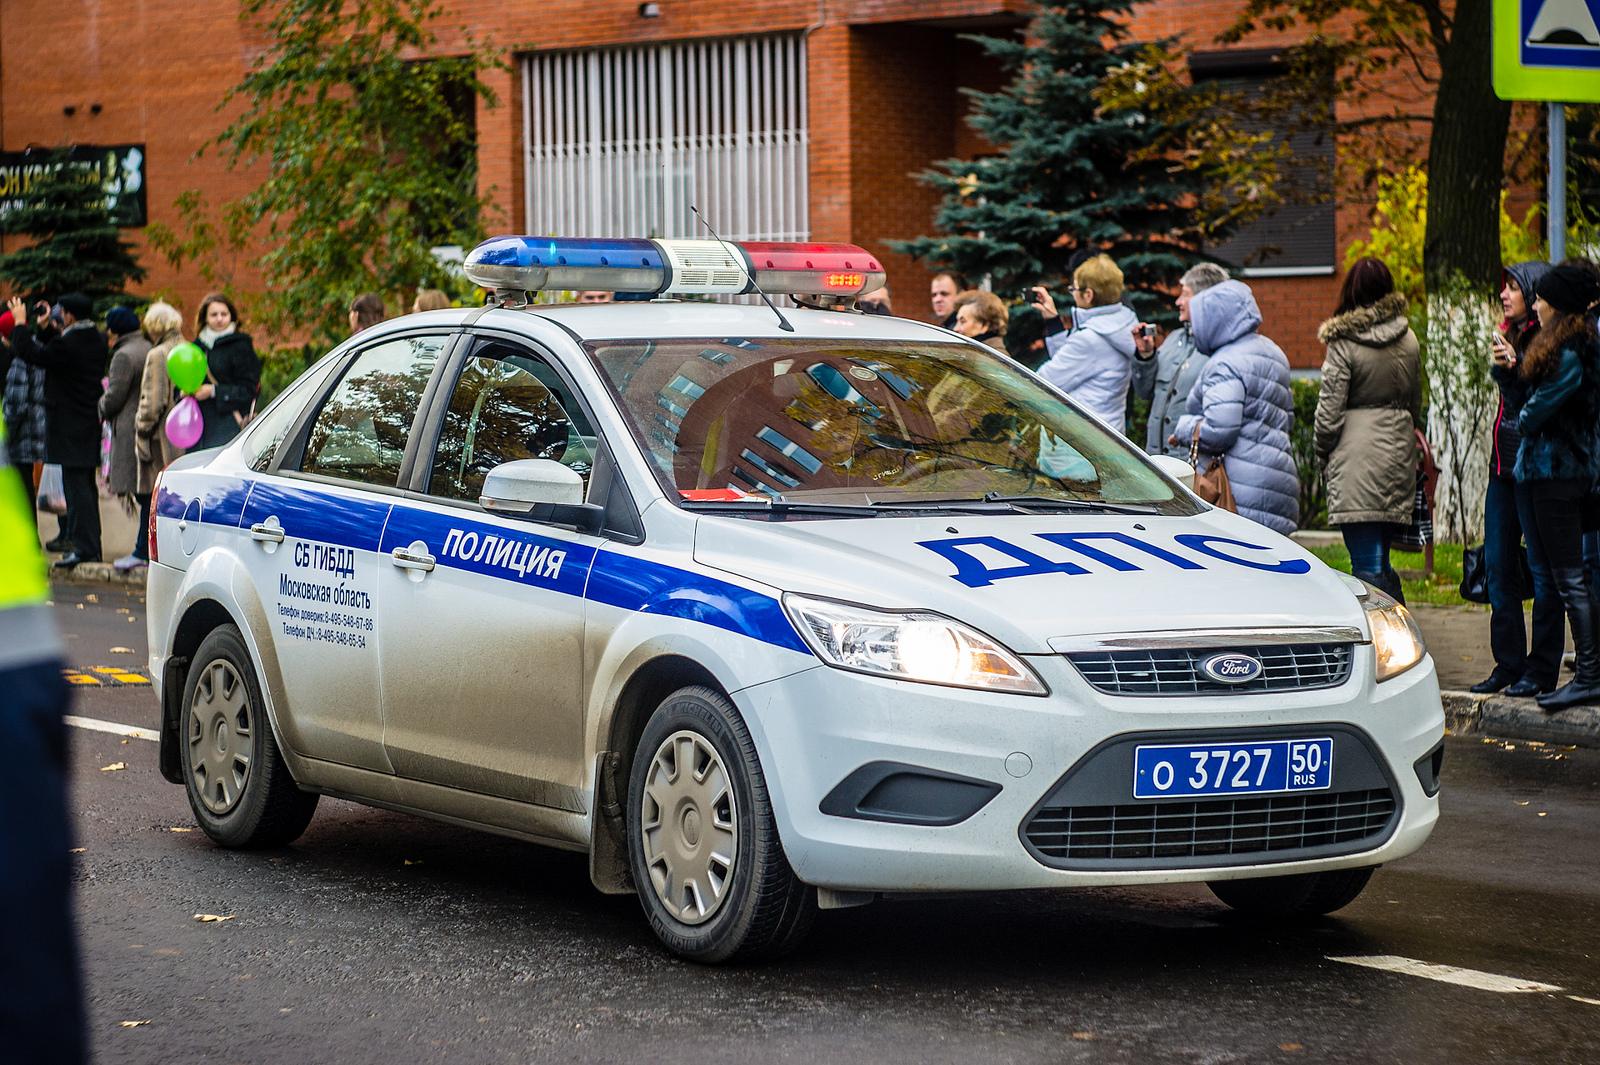 Un couple cannibale soupçonné d'avoir tué et mangé de nombreuses personnes — Russie